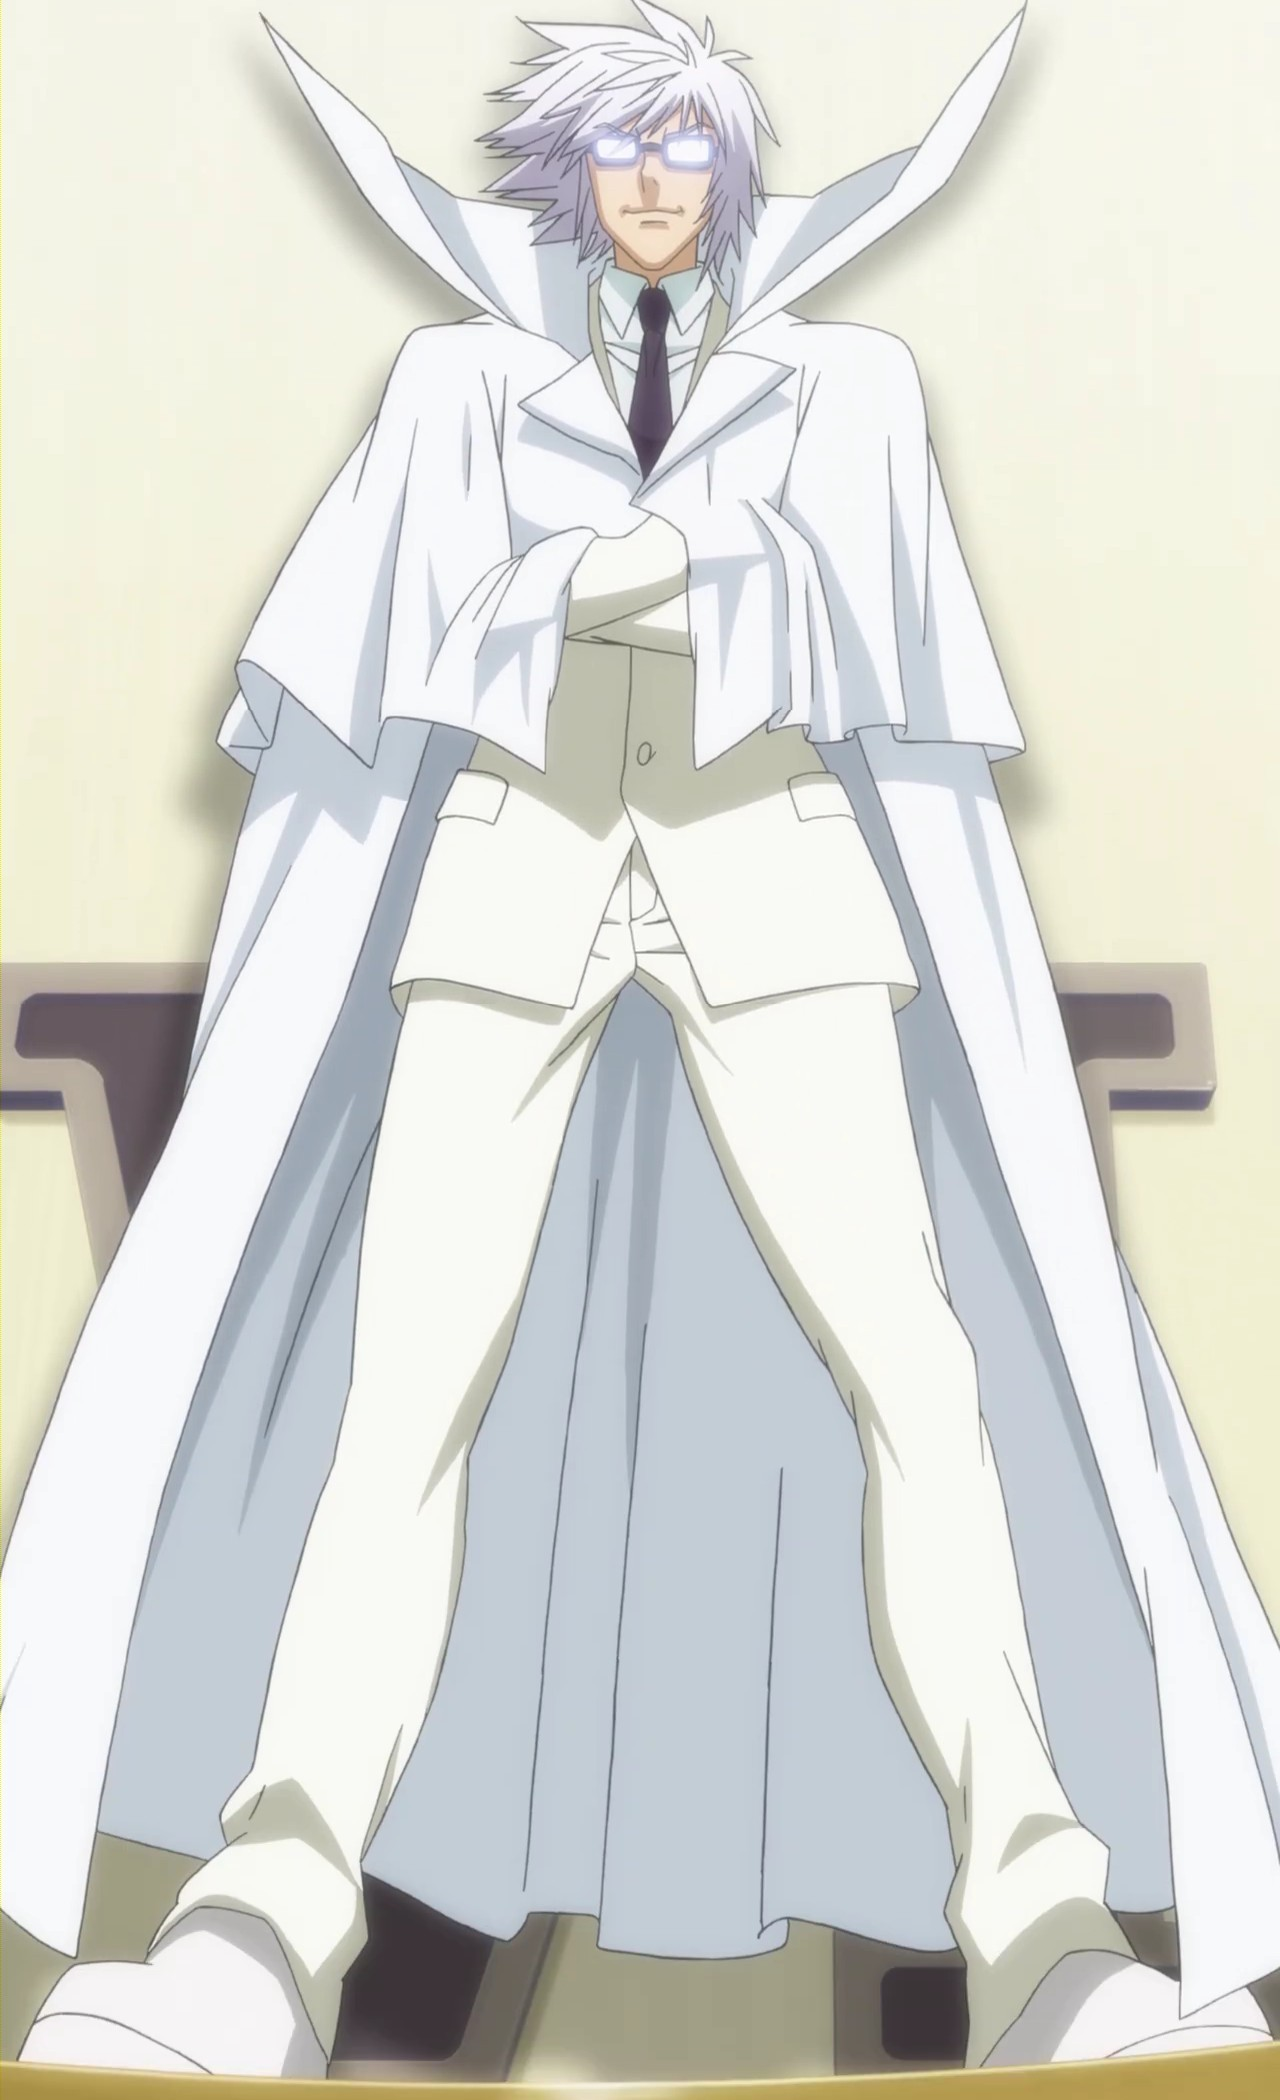 Hiroto Cosplay Costume from Sekirei